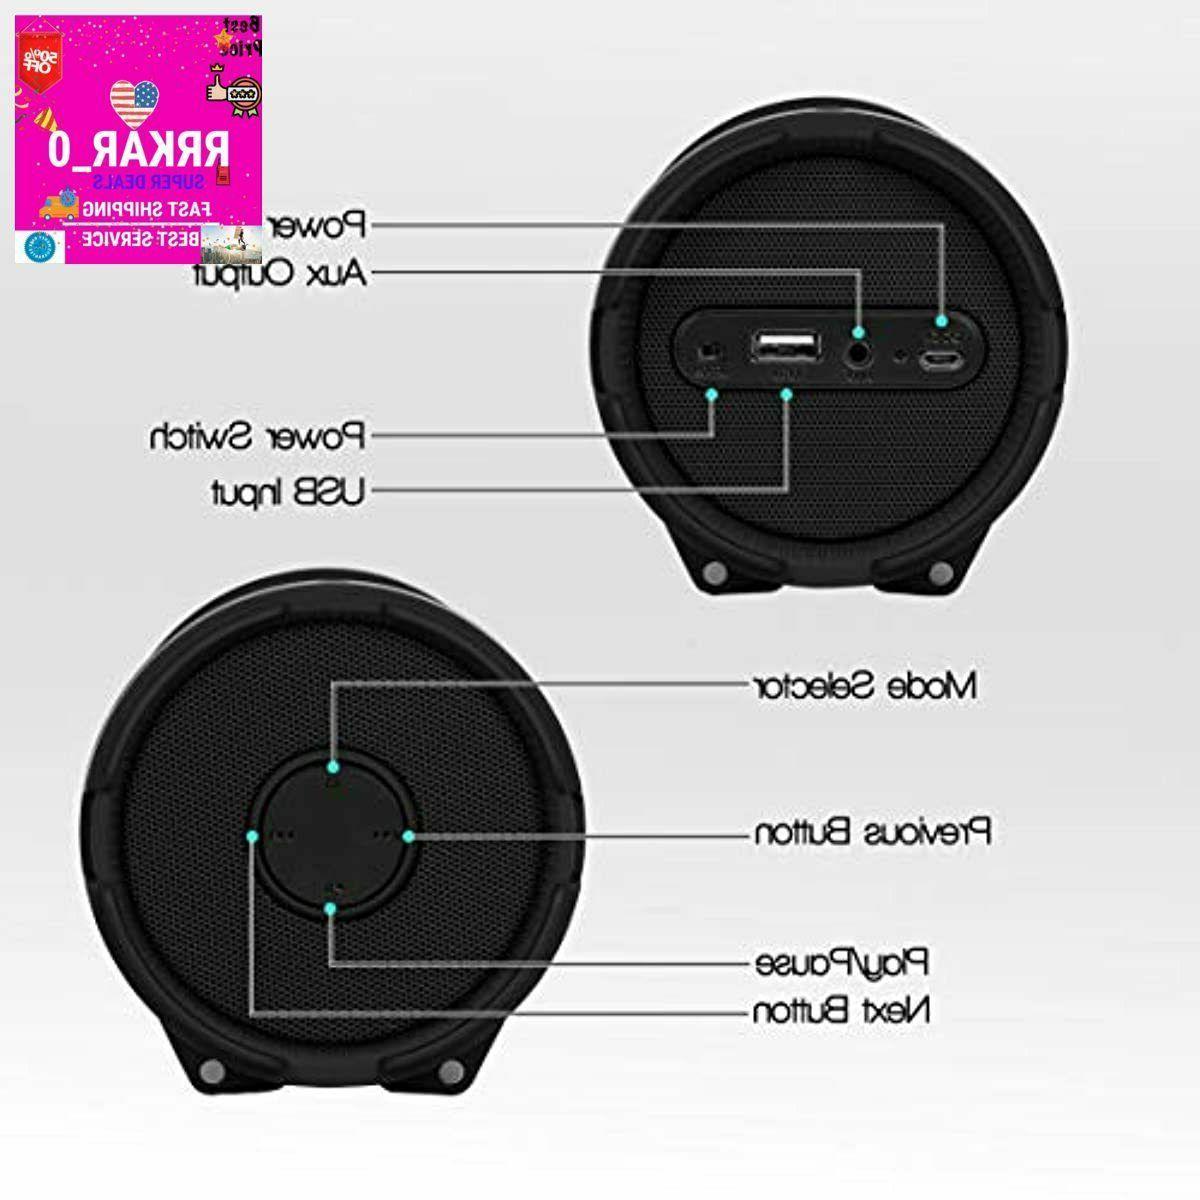 Loudest Bluetooth Speaker System Outdoor Loud Waterproof w/ Tune